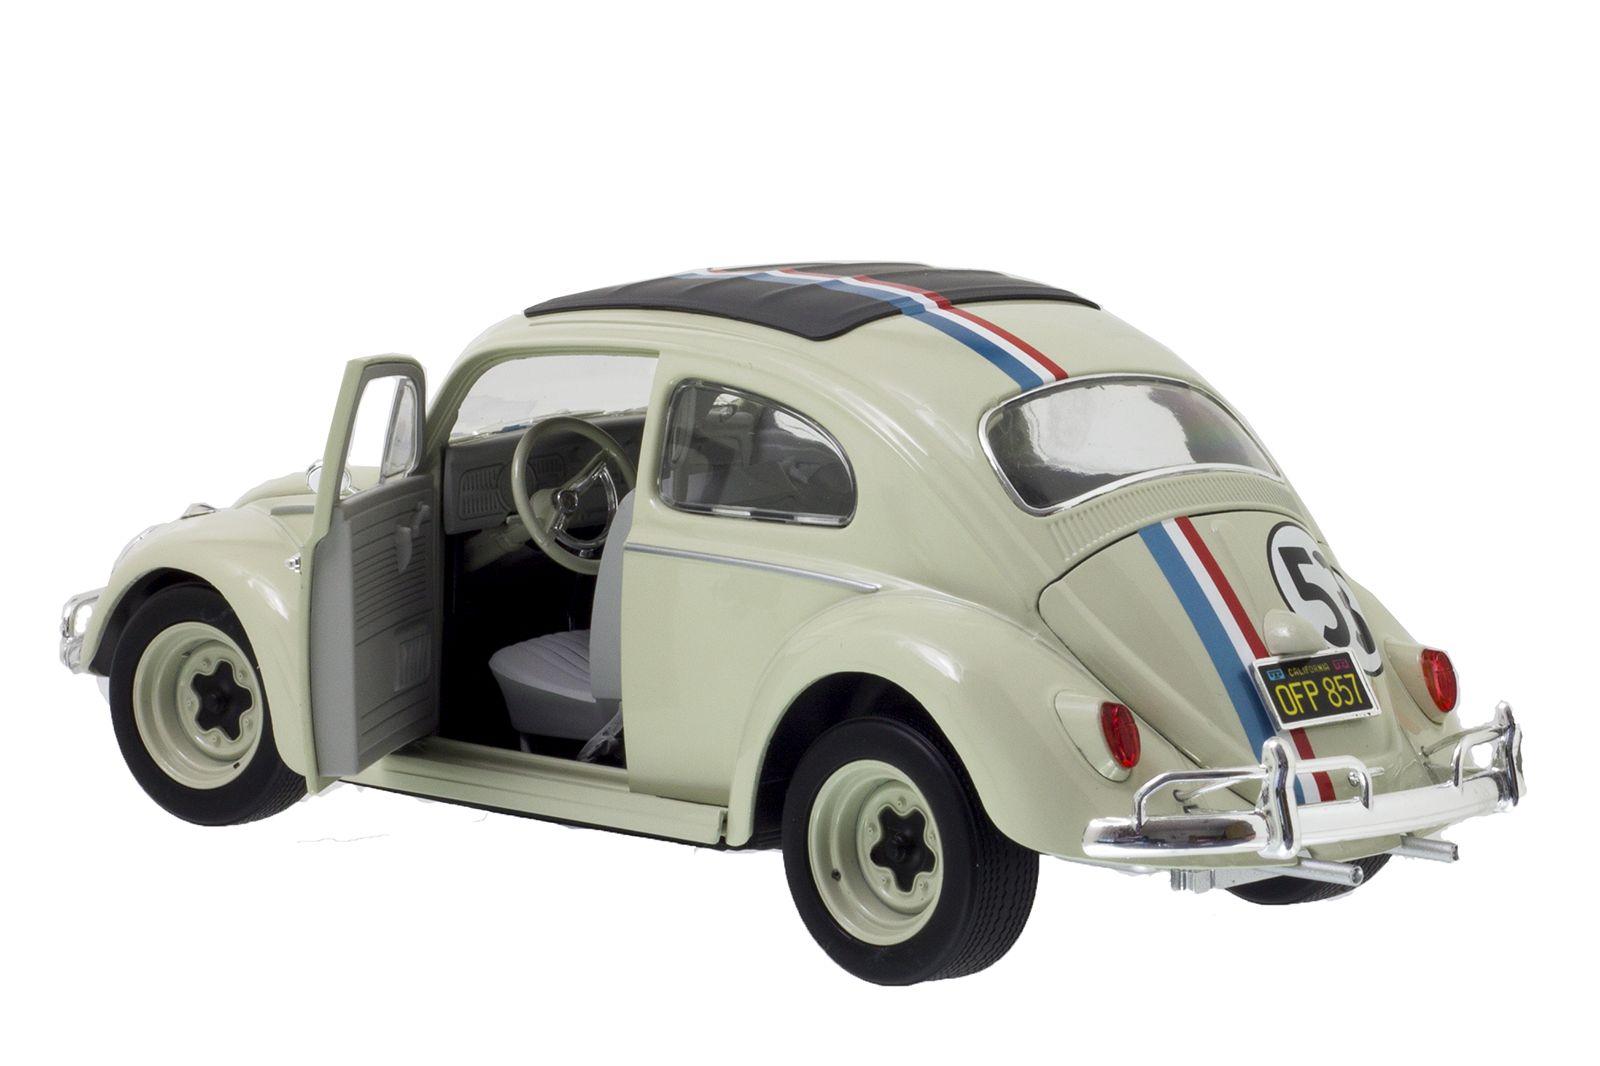 hotwheels 1 18 vw k fer beetle herbie the love bug hot. Black Bedroom Furniture Sets. Home Design Ideas